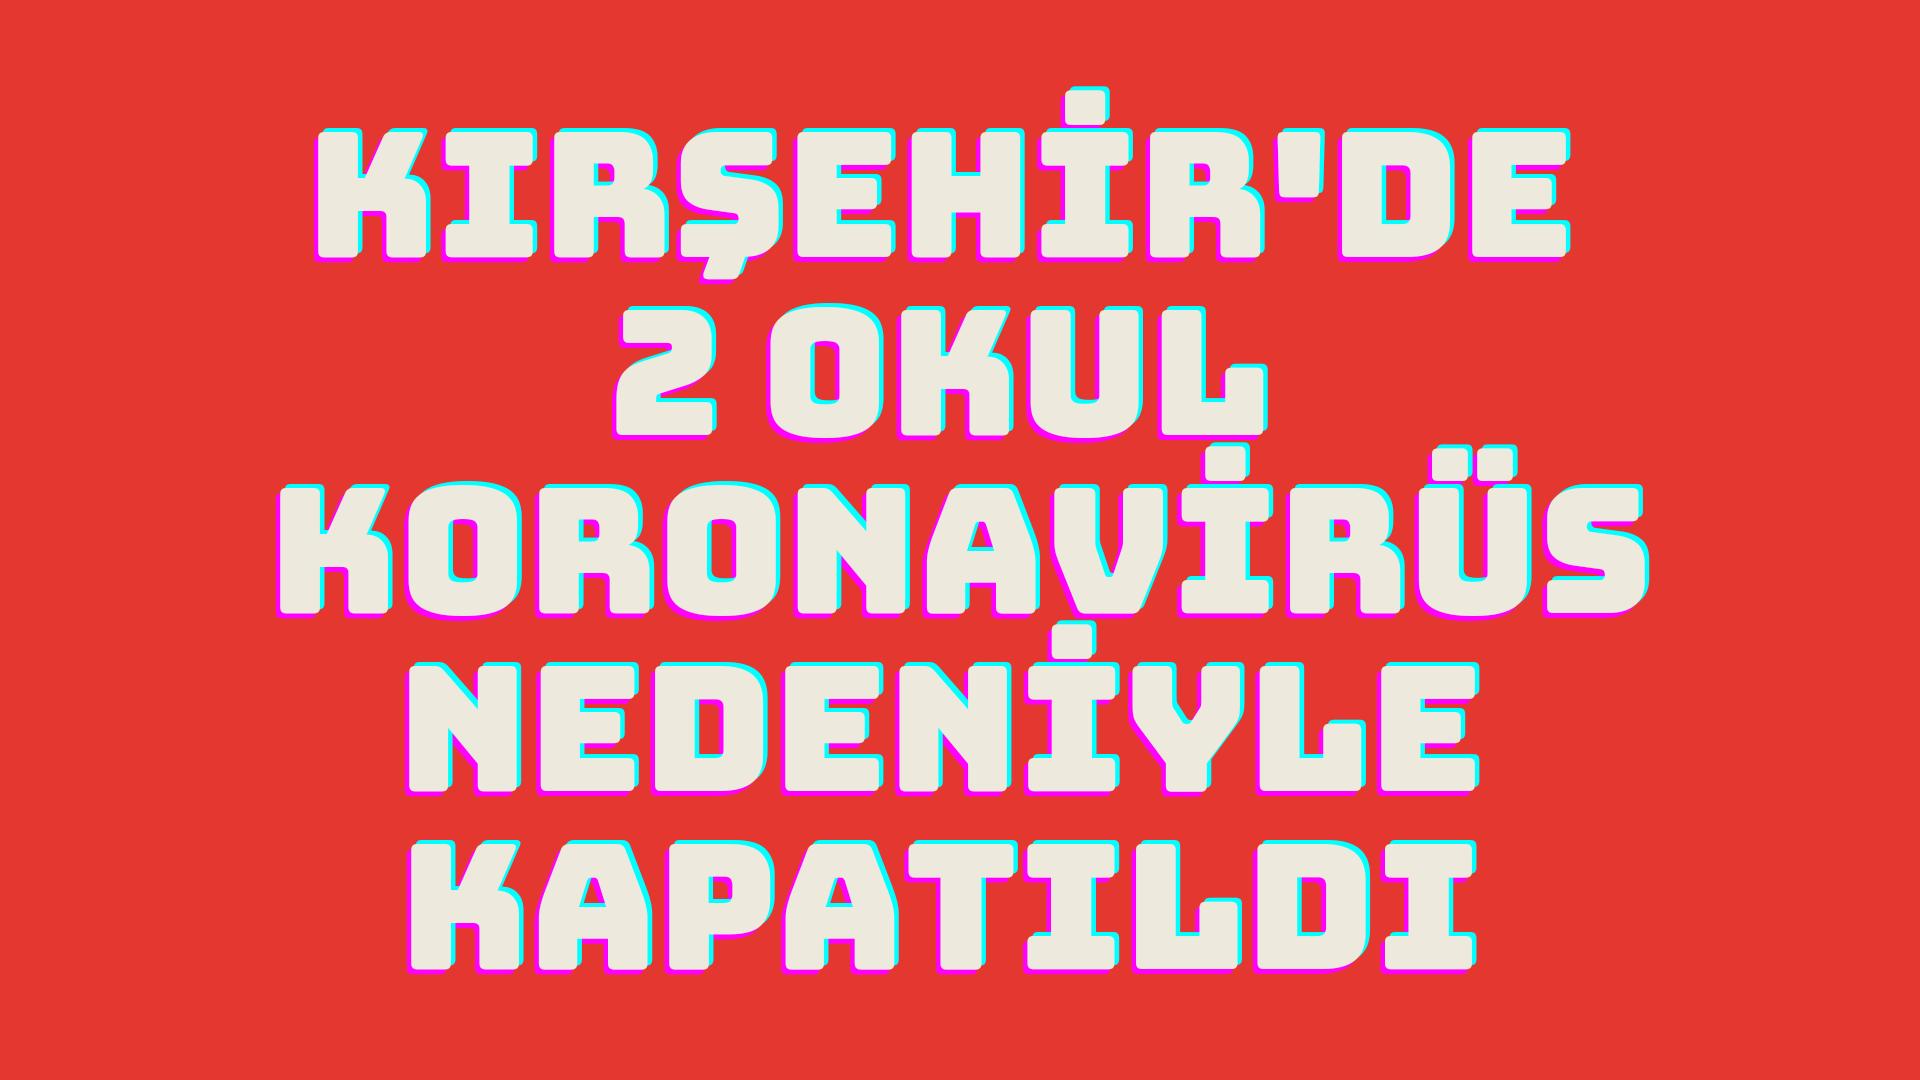 Kırşehir'de 2 okul kapatıldı